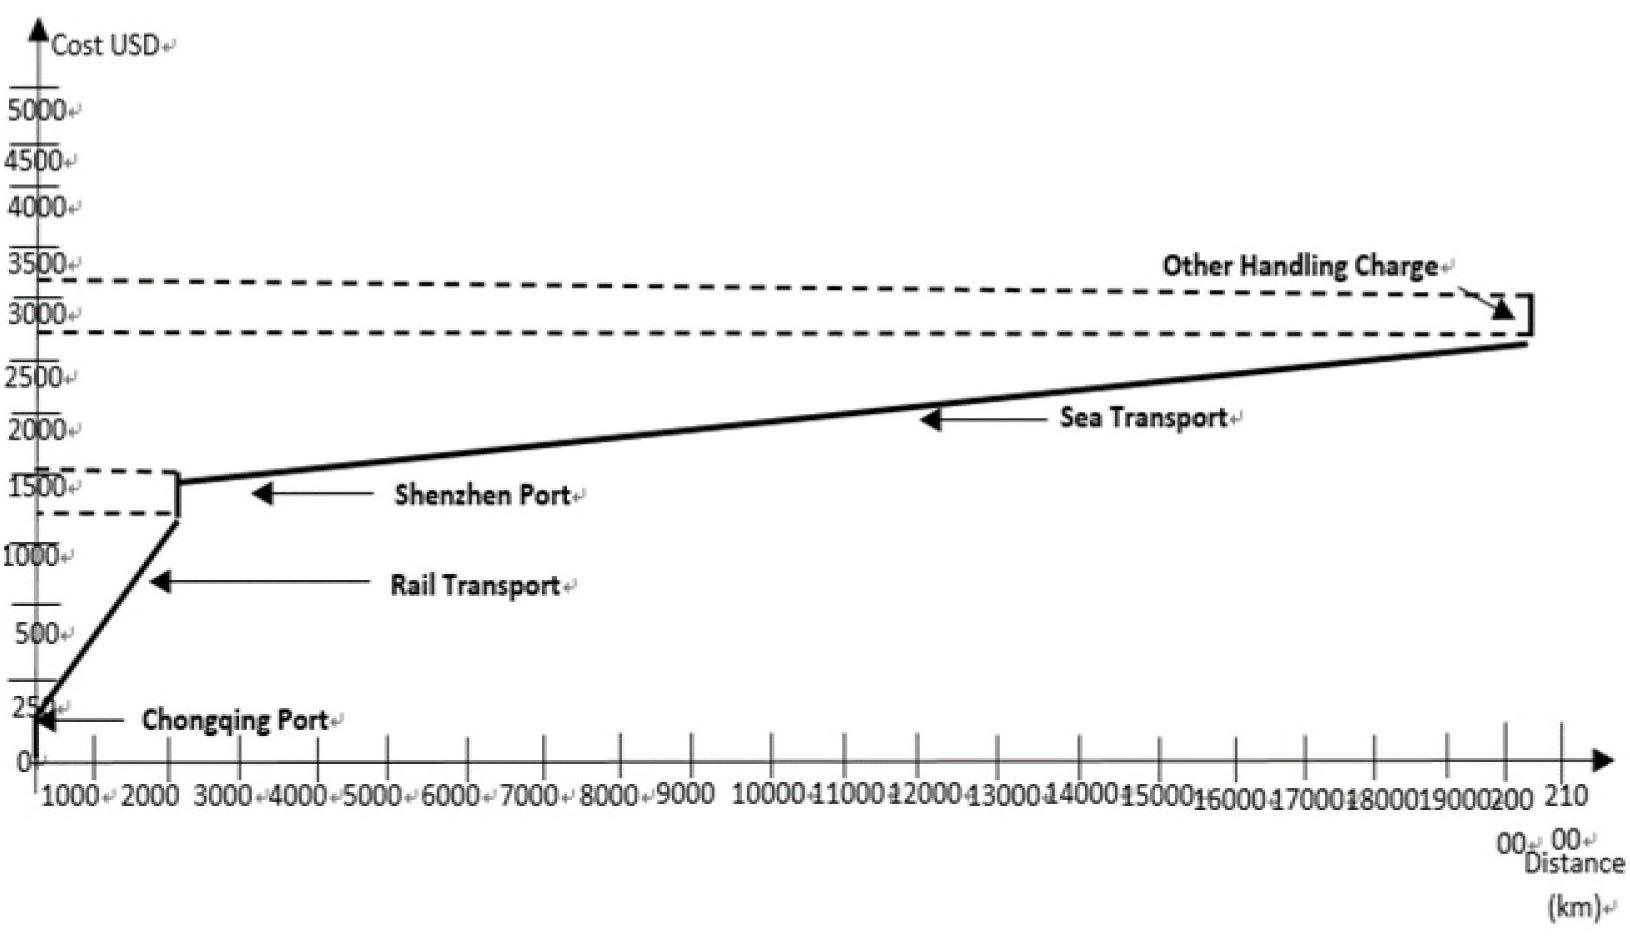 《中欧班列铁路多式联运案例分析:从中国重庆到欧洲鹿特丹的笔记本电脑运输案例》